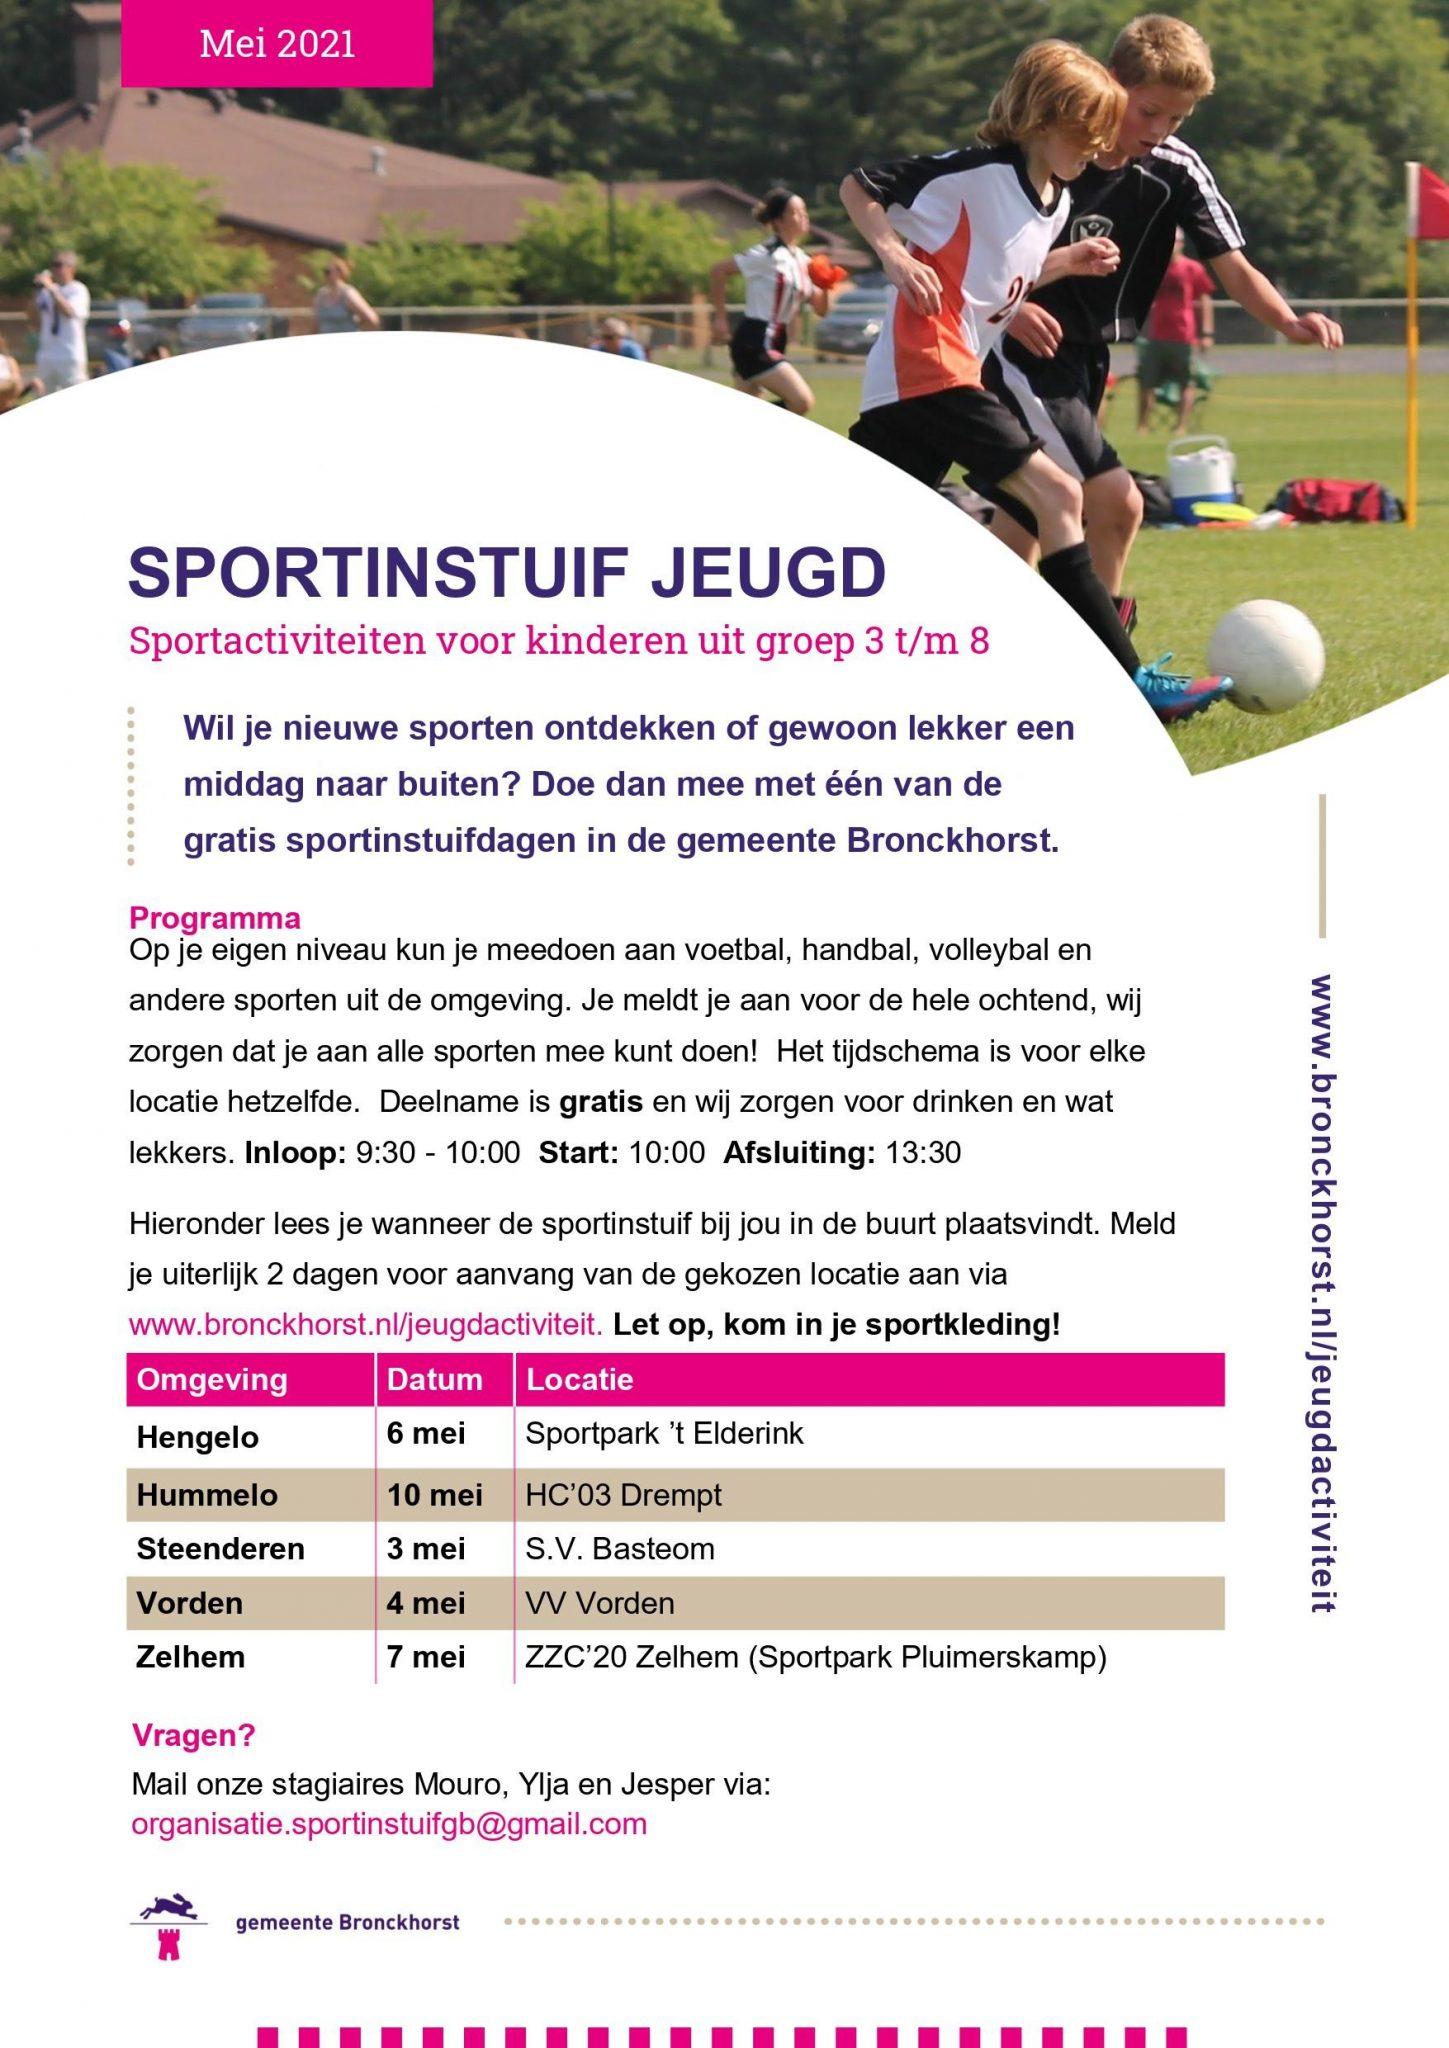 Sportinstuif voor de basisschoolkinderen